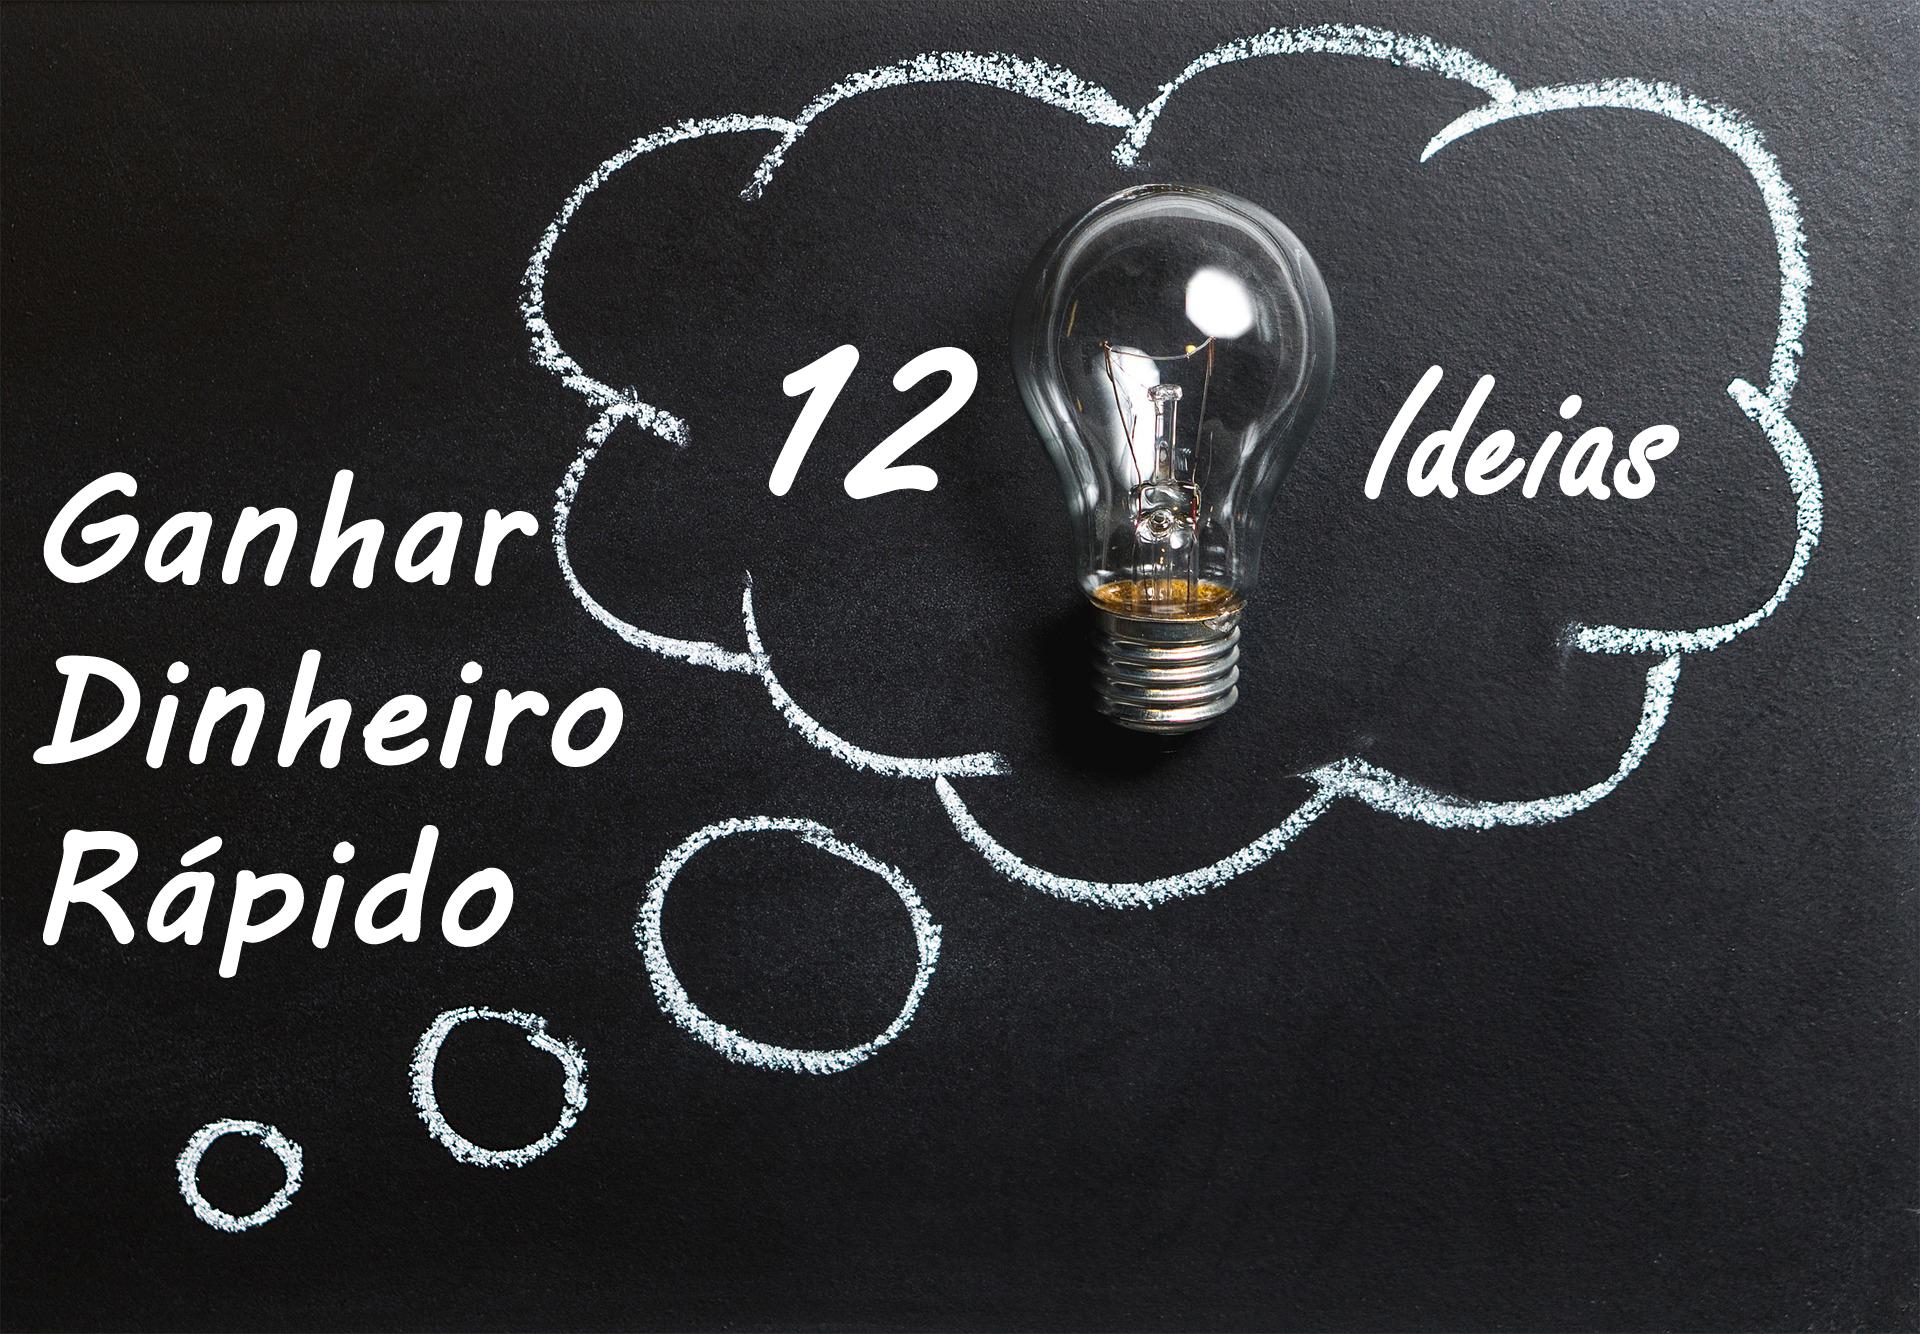 [12 Ideias Inovadoras] Para Ganhar Dinheiro Rápido